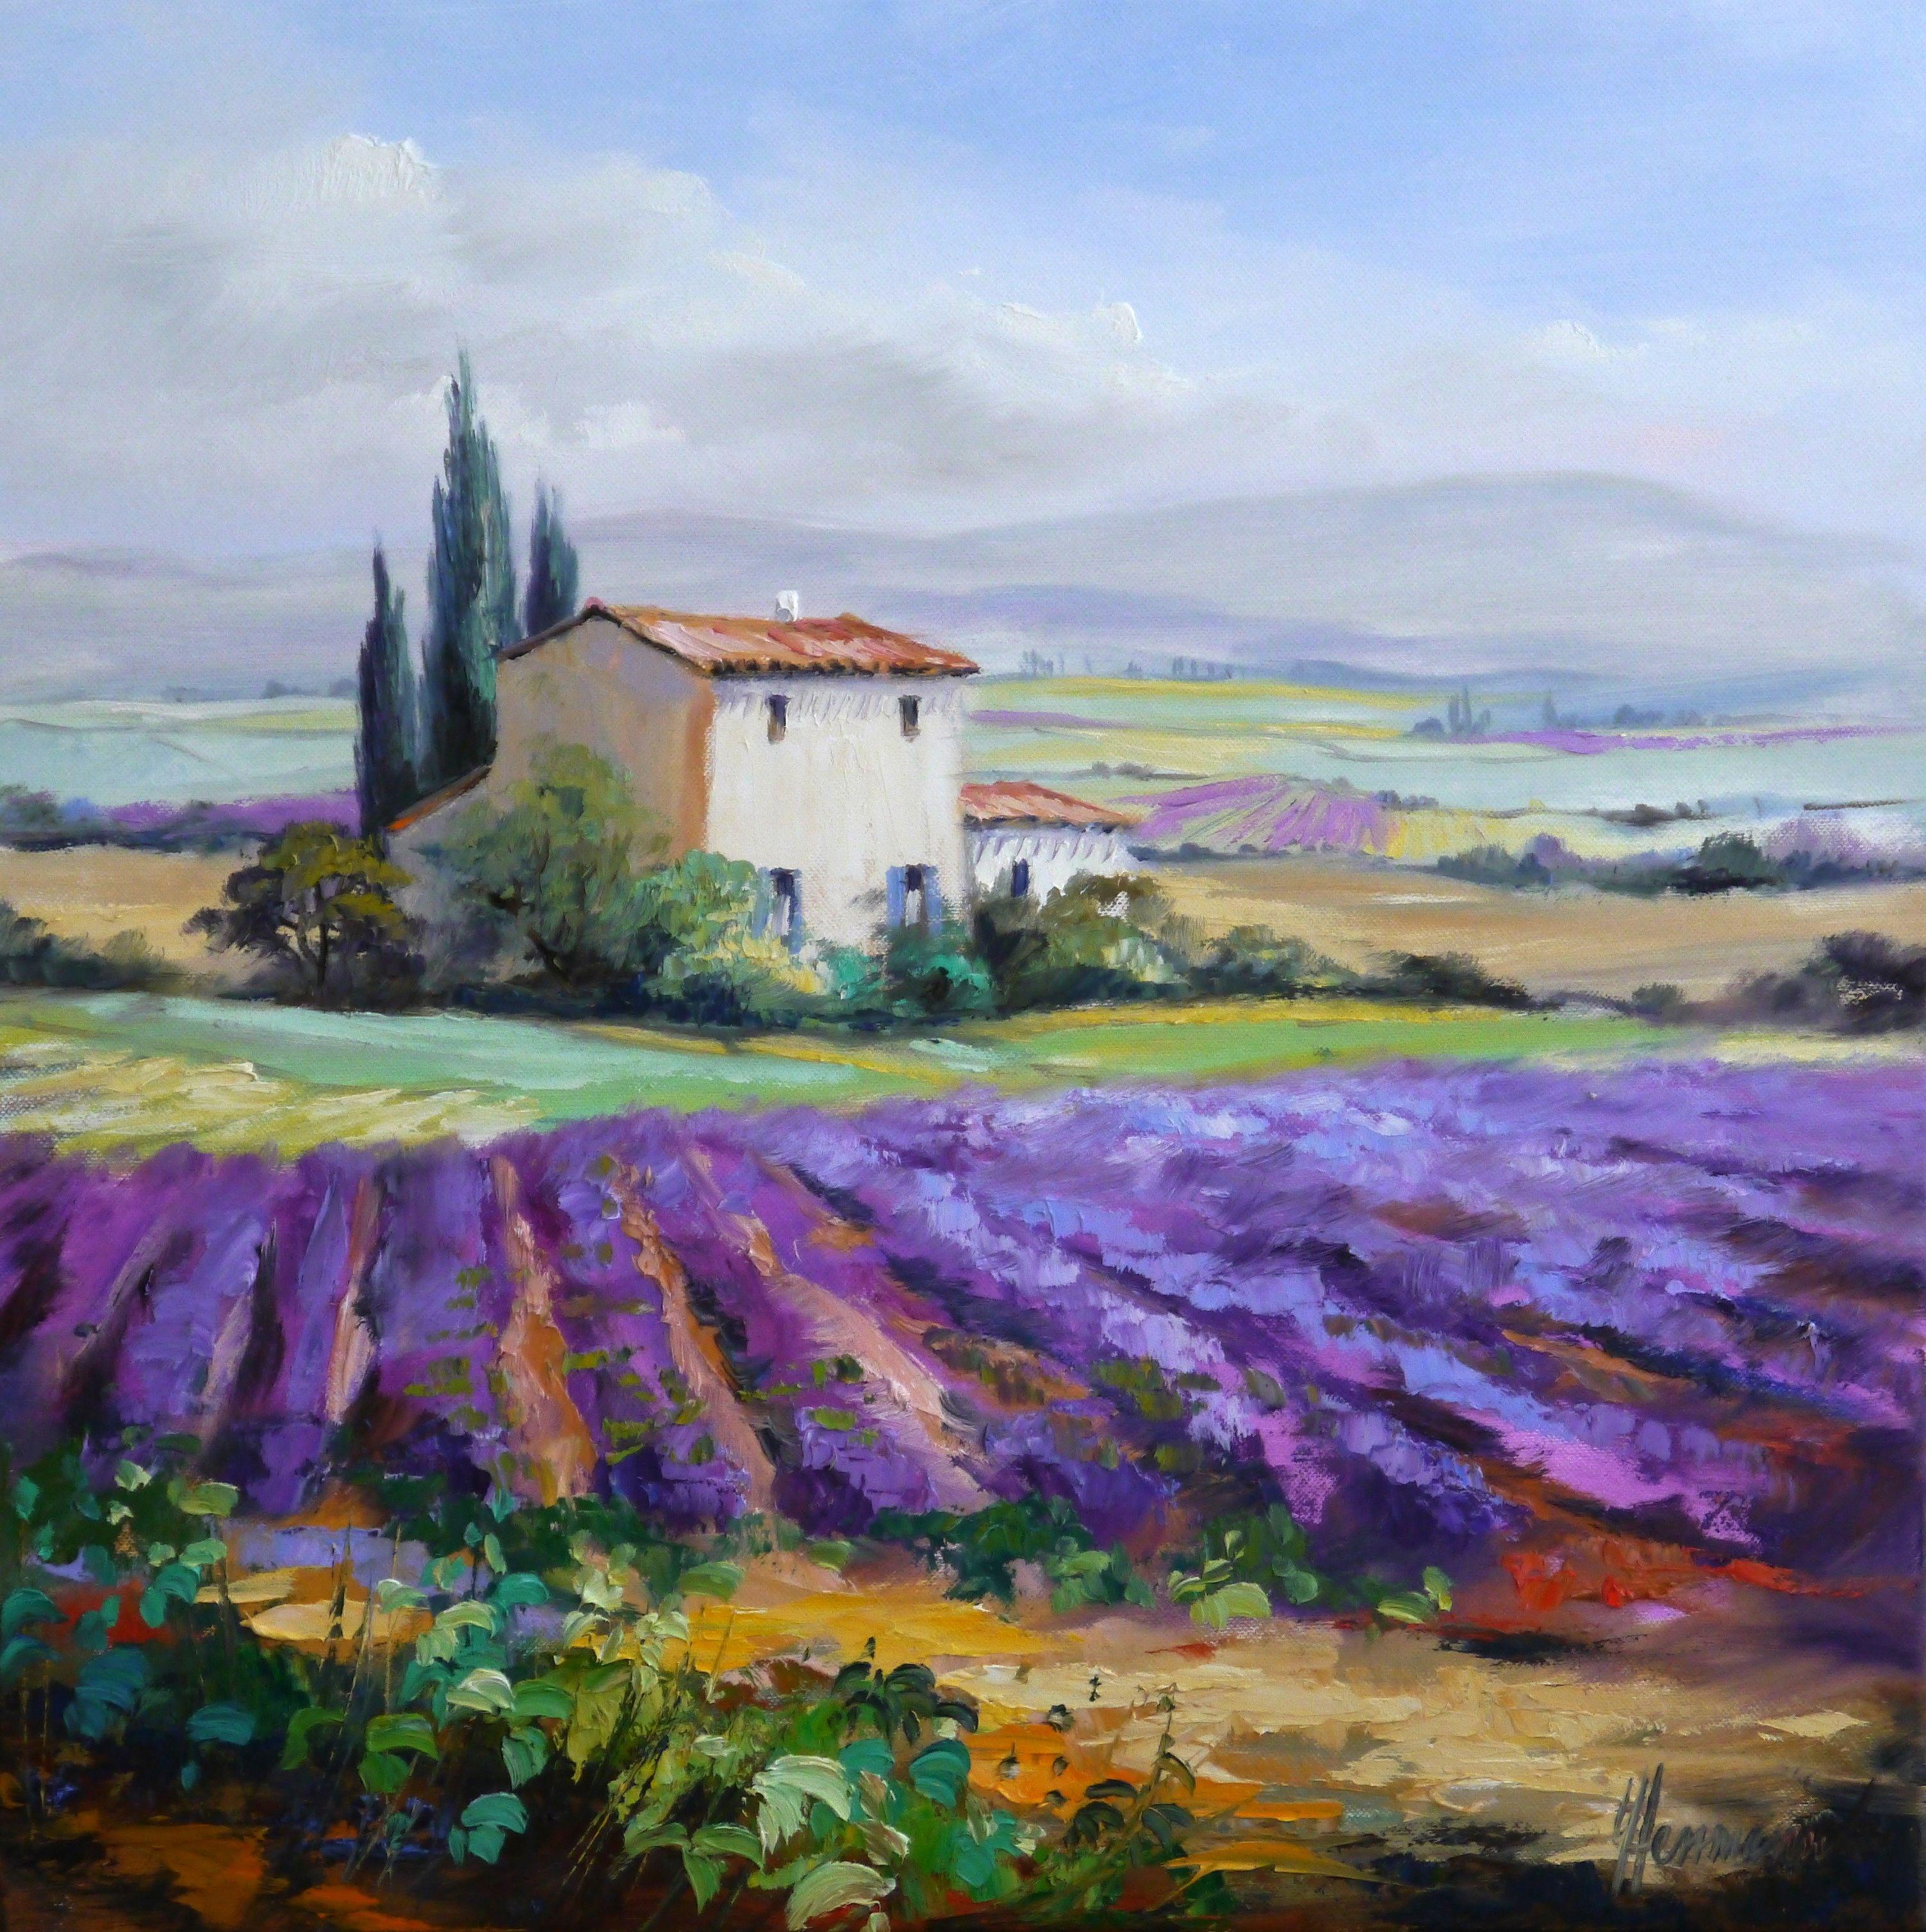 """""""Lavendel in der Provence"""" von Ute Herrmann. Ein Ölgemälde in den Maßen 50 x 50 cm. Duftende Reihen von leuchtendem Lavendel, im diesigen Hintergrund die Berge des Mont Ventoux. So liebe ich diese Landschaft im Süden von Frankreich."""